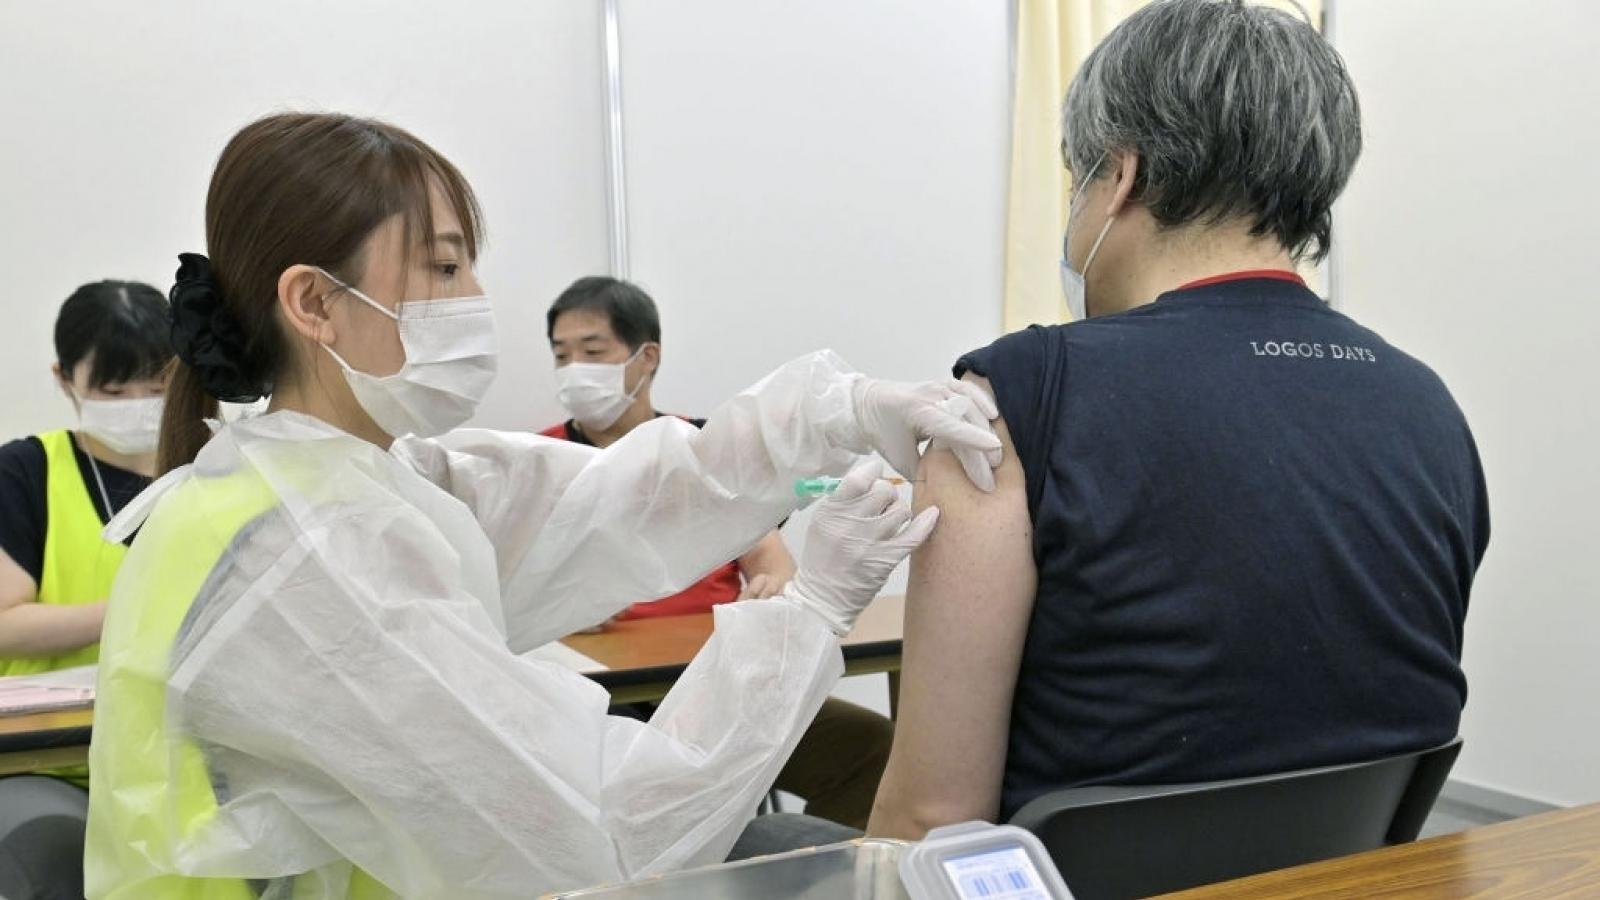 Chuyên gia y tế Nhật Bản cảnh báo về việc nới lỏng hạn chế phòng dịch